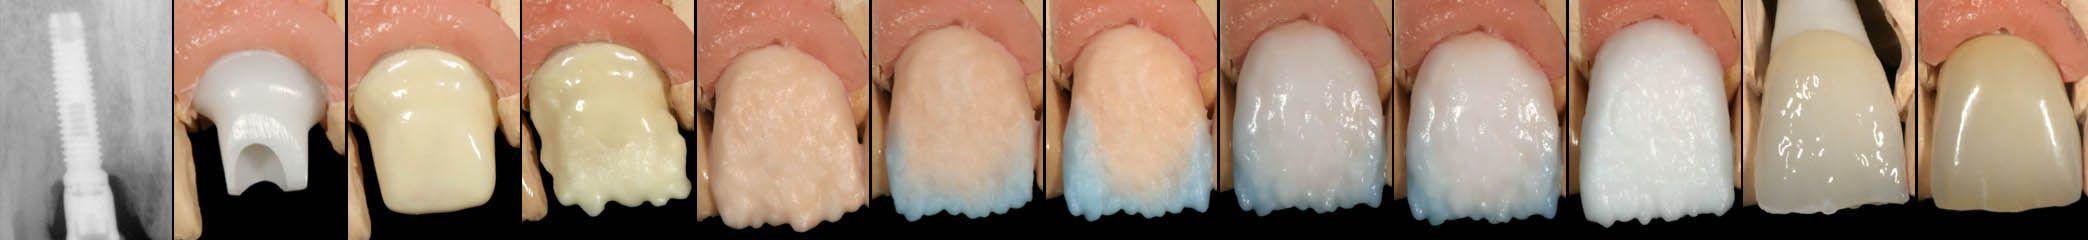 HSituación del implante en 1987 y elaboración de una nueva corona sólo cerámica en 2005